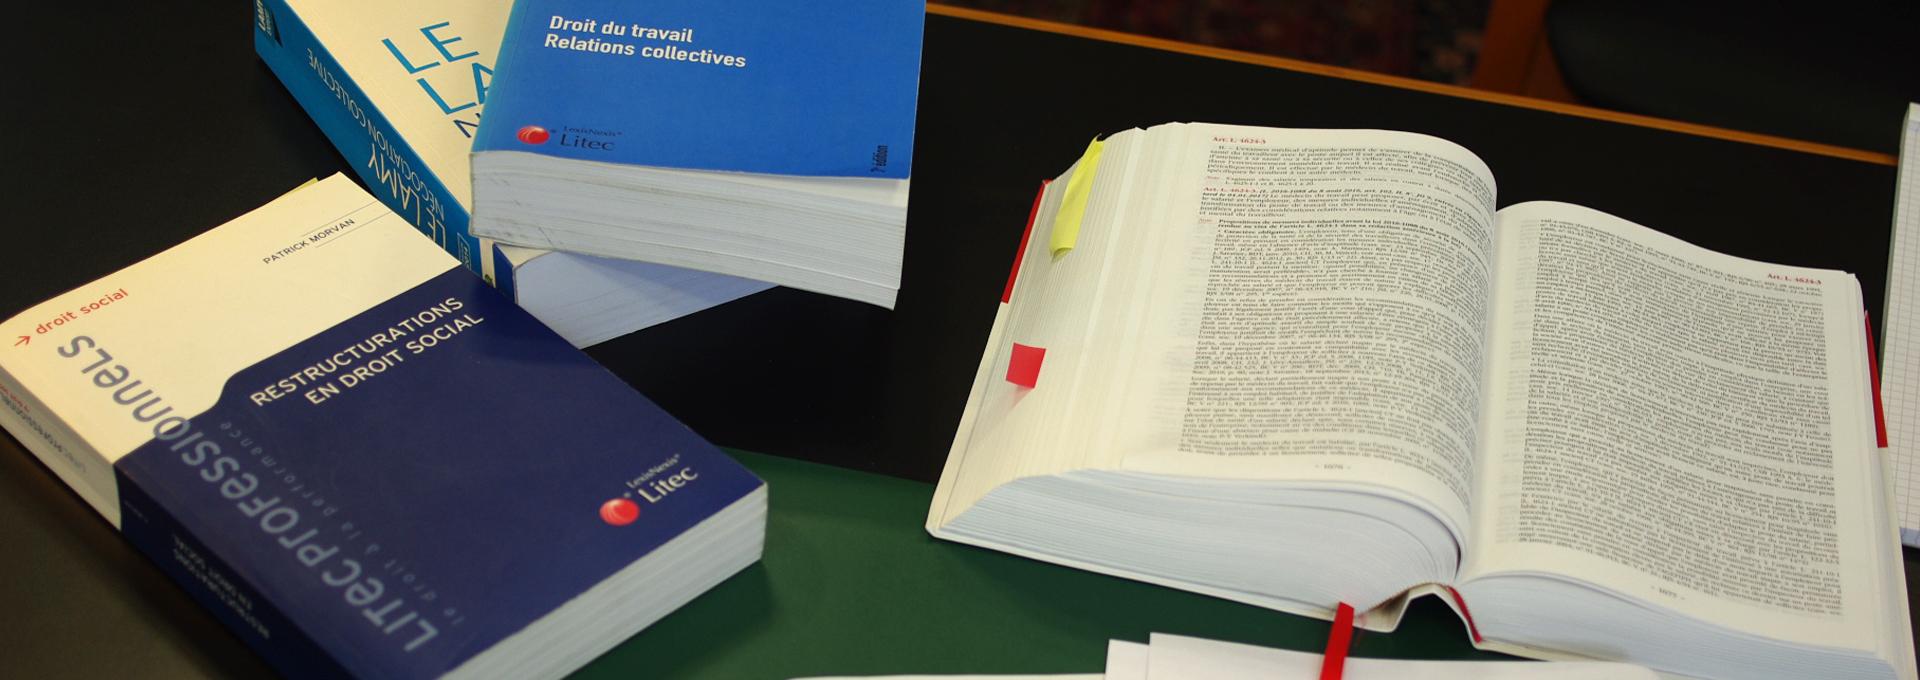 Avocats en droit du travail à Poitiers et Paris